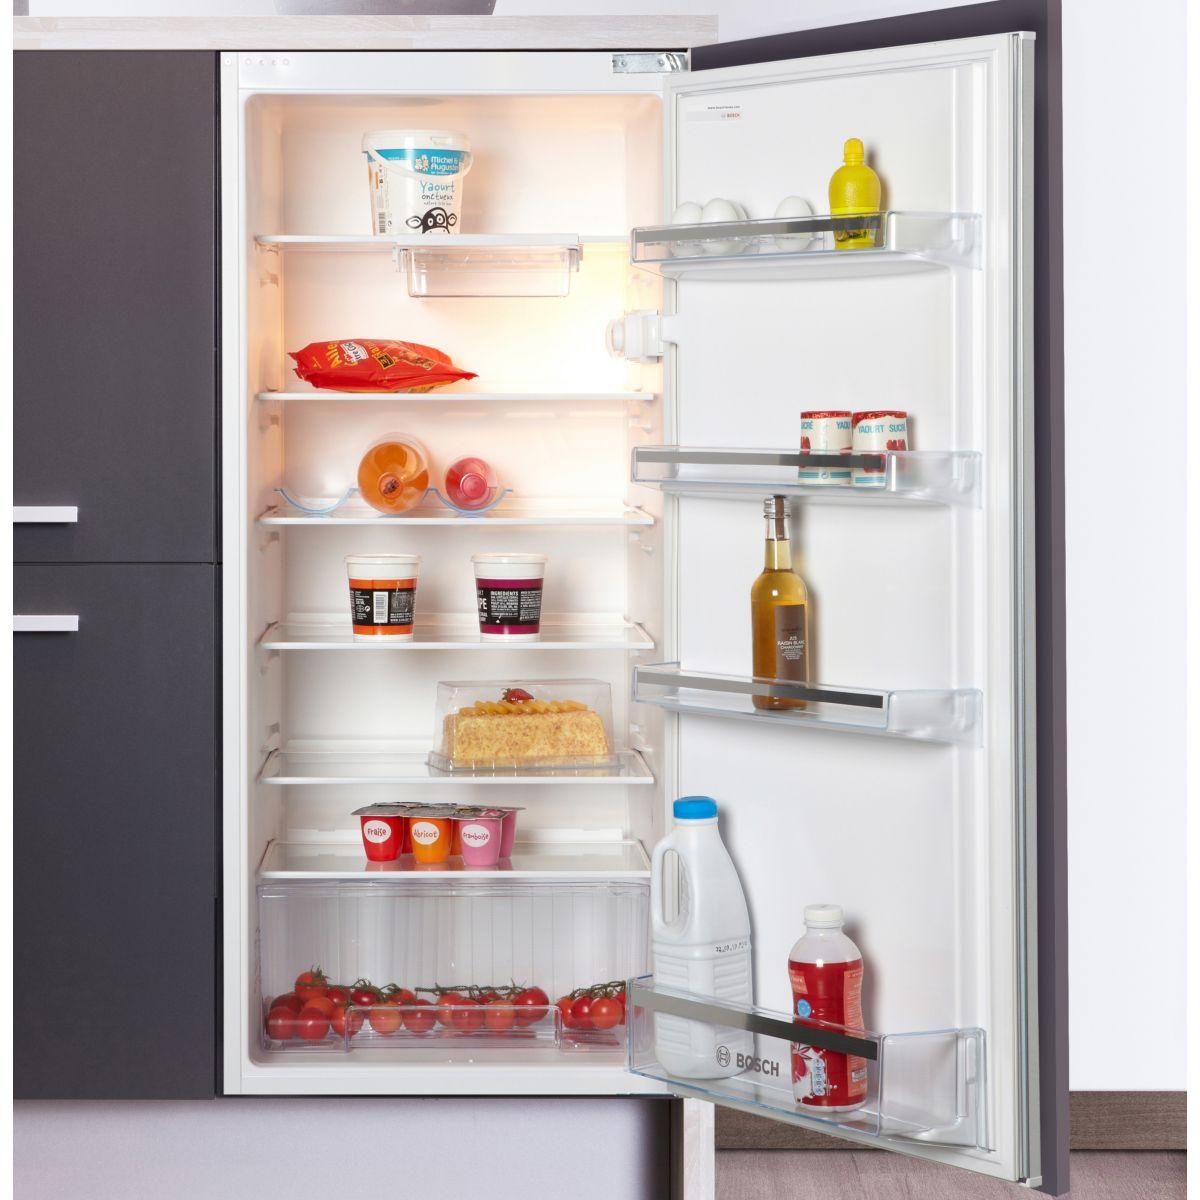 Réfrigérateur 1 porte encastrable BOSCH KIR24V21FF